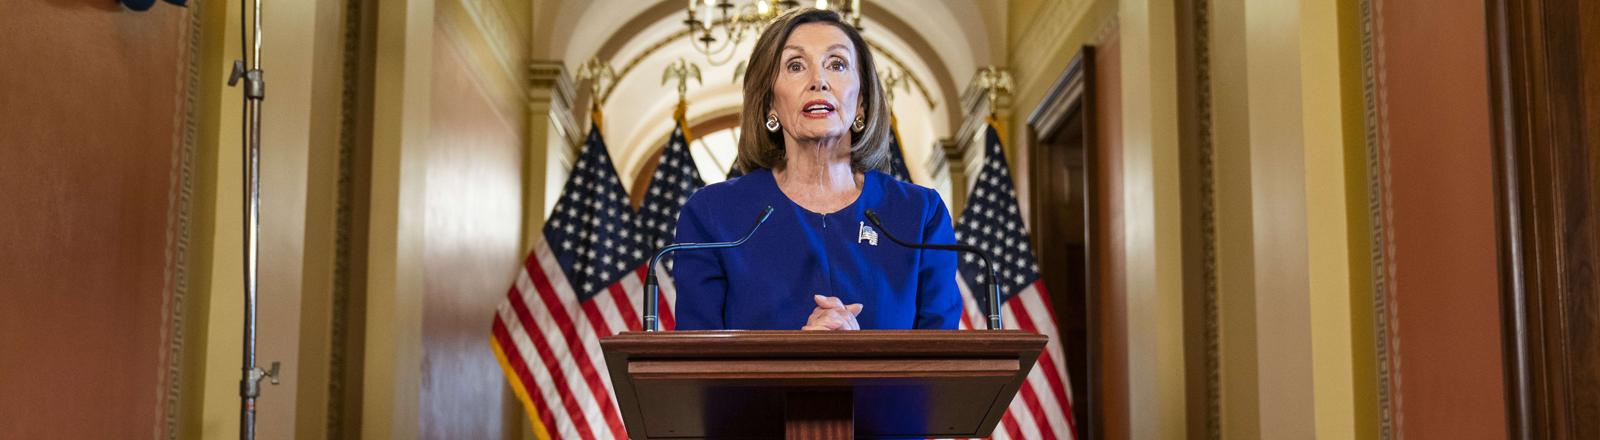 Die Fraktionsvorsitzende der Demokraten, Nancy Pelosi, verkündet am 25. September in Washington, dass die Einleitung eines Amtsenthebungsverfahrens gegen Donald Trump geprüft werde.